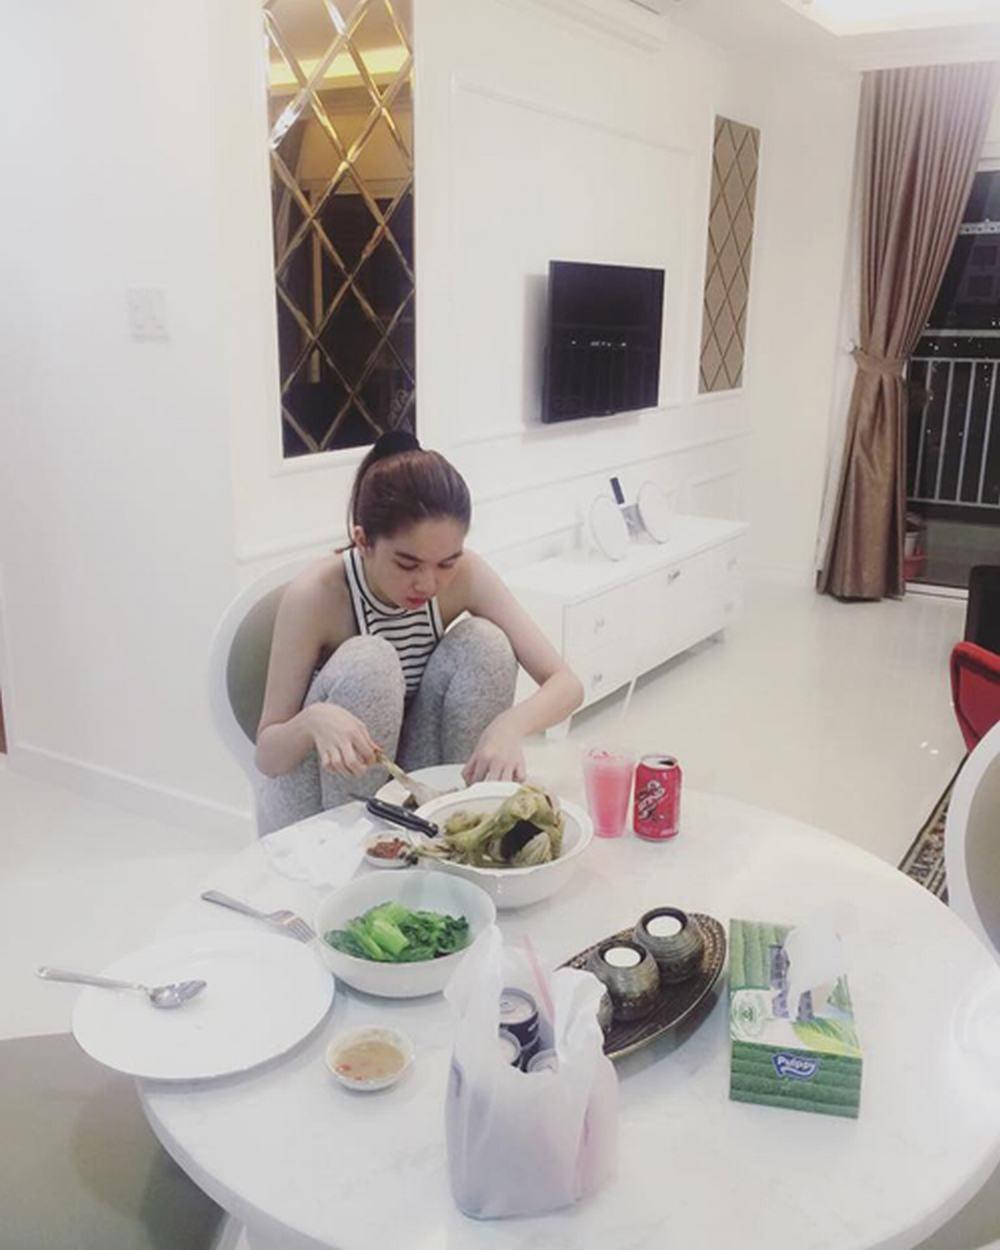 Bình thường khí chất ngời ngời mà khi ở bên đồ ăn sao Việt bỗng thần thái bá đạo lạ thường - Ảnh 3.